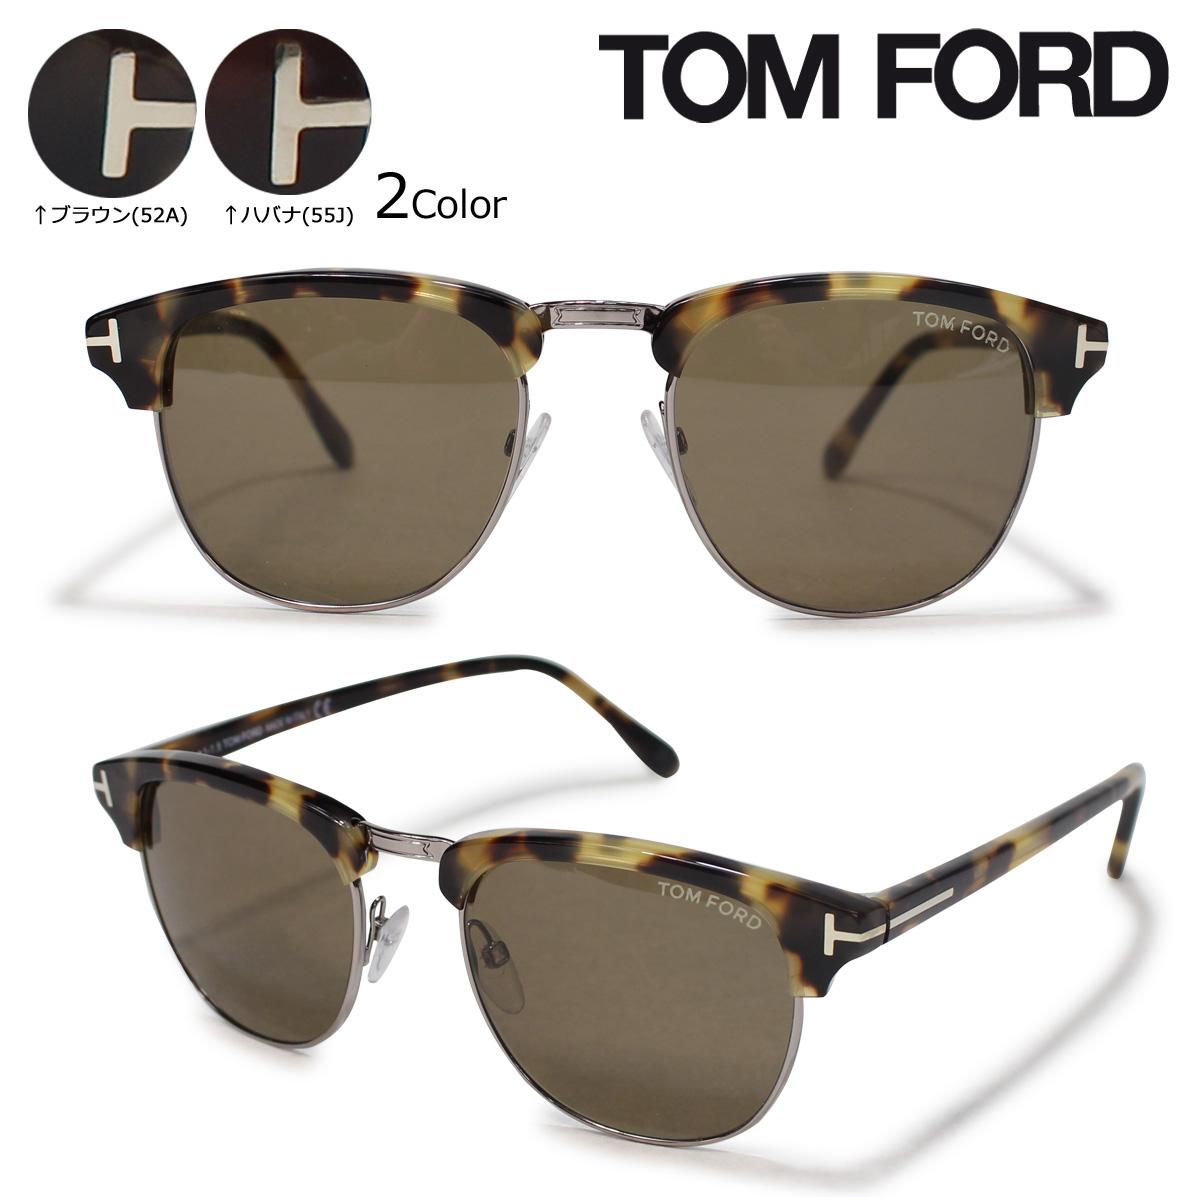 【最大2000円OFFクーポン】 トムフォード TOM FORD サングラス メンズ レディース アイウェア FT0248 HENRY ウェリントン SUNGLASSES イタリア製